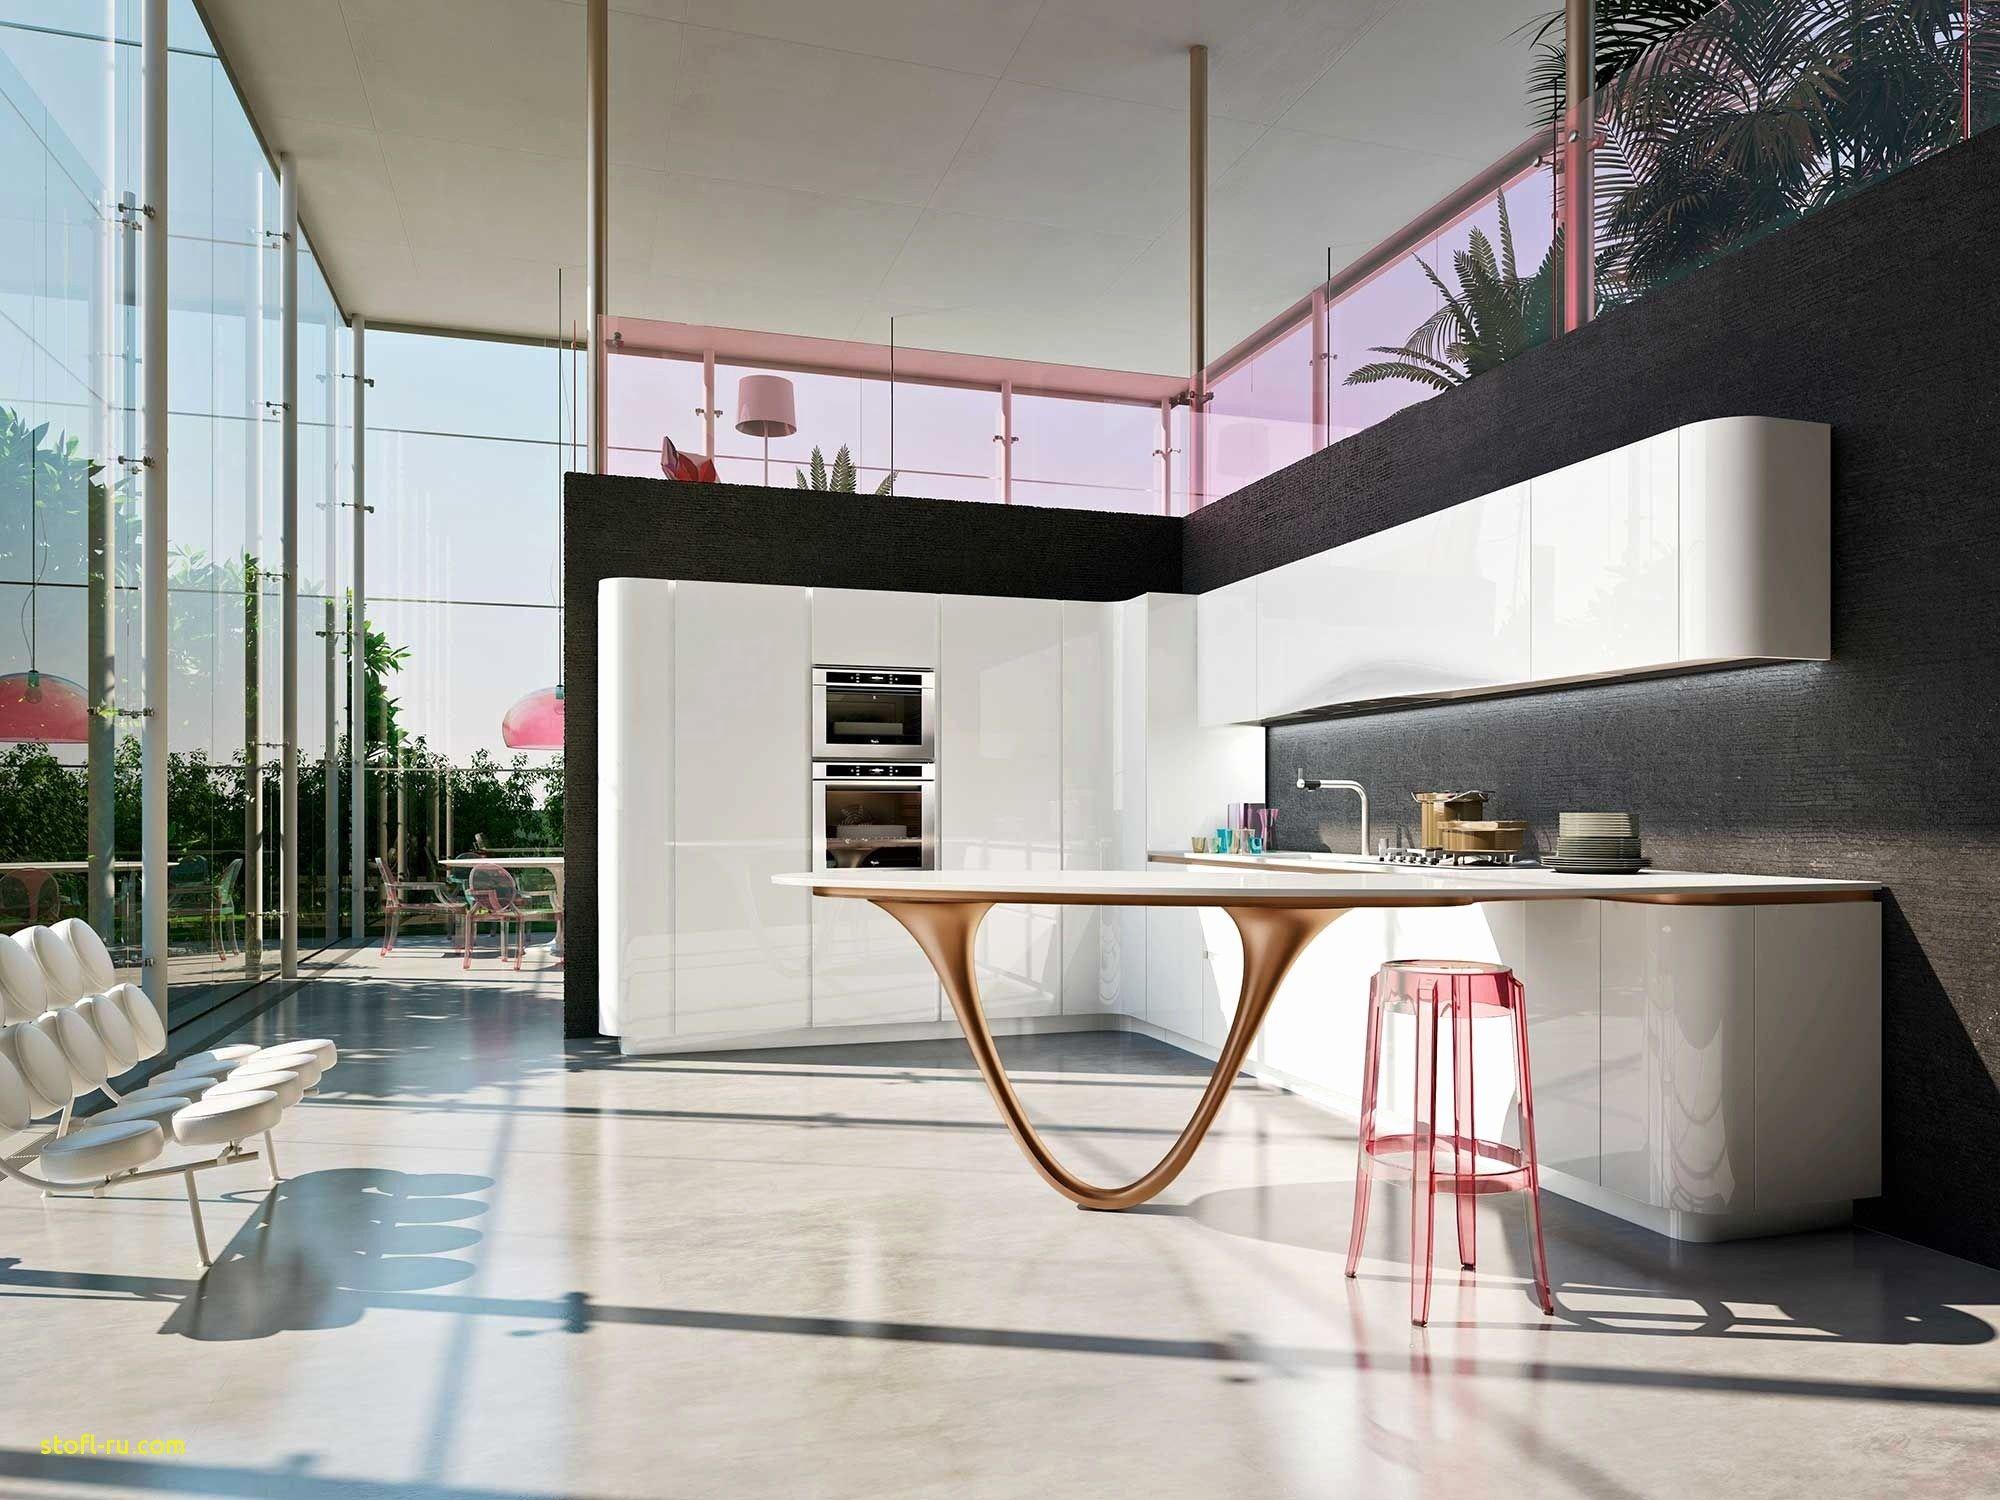 Great Home Design Outlet Center Miami Miami Fl #miami  #homedesignoutletcentermiamimiamifl #homedesignoutletcentermiamimiami  #homedesignoutletcentermiami ...